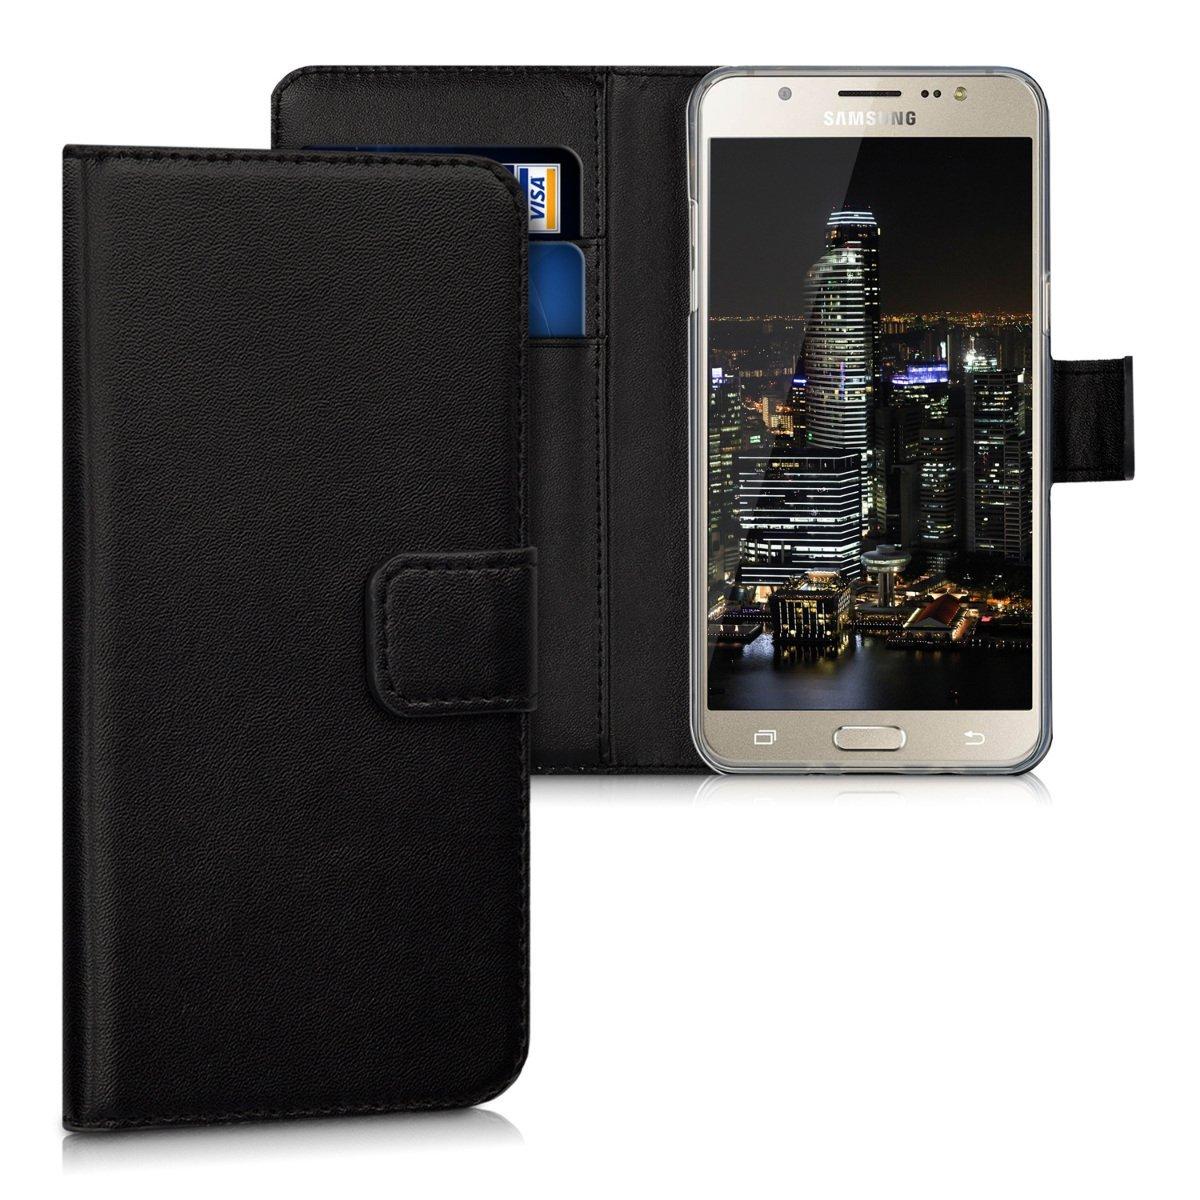 KW Θήκη Πορτοφόλι Samsung Galaxy J5 (2016) - Black (39806.01)